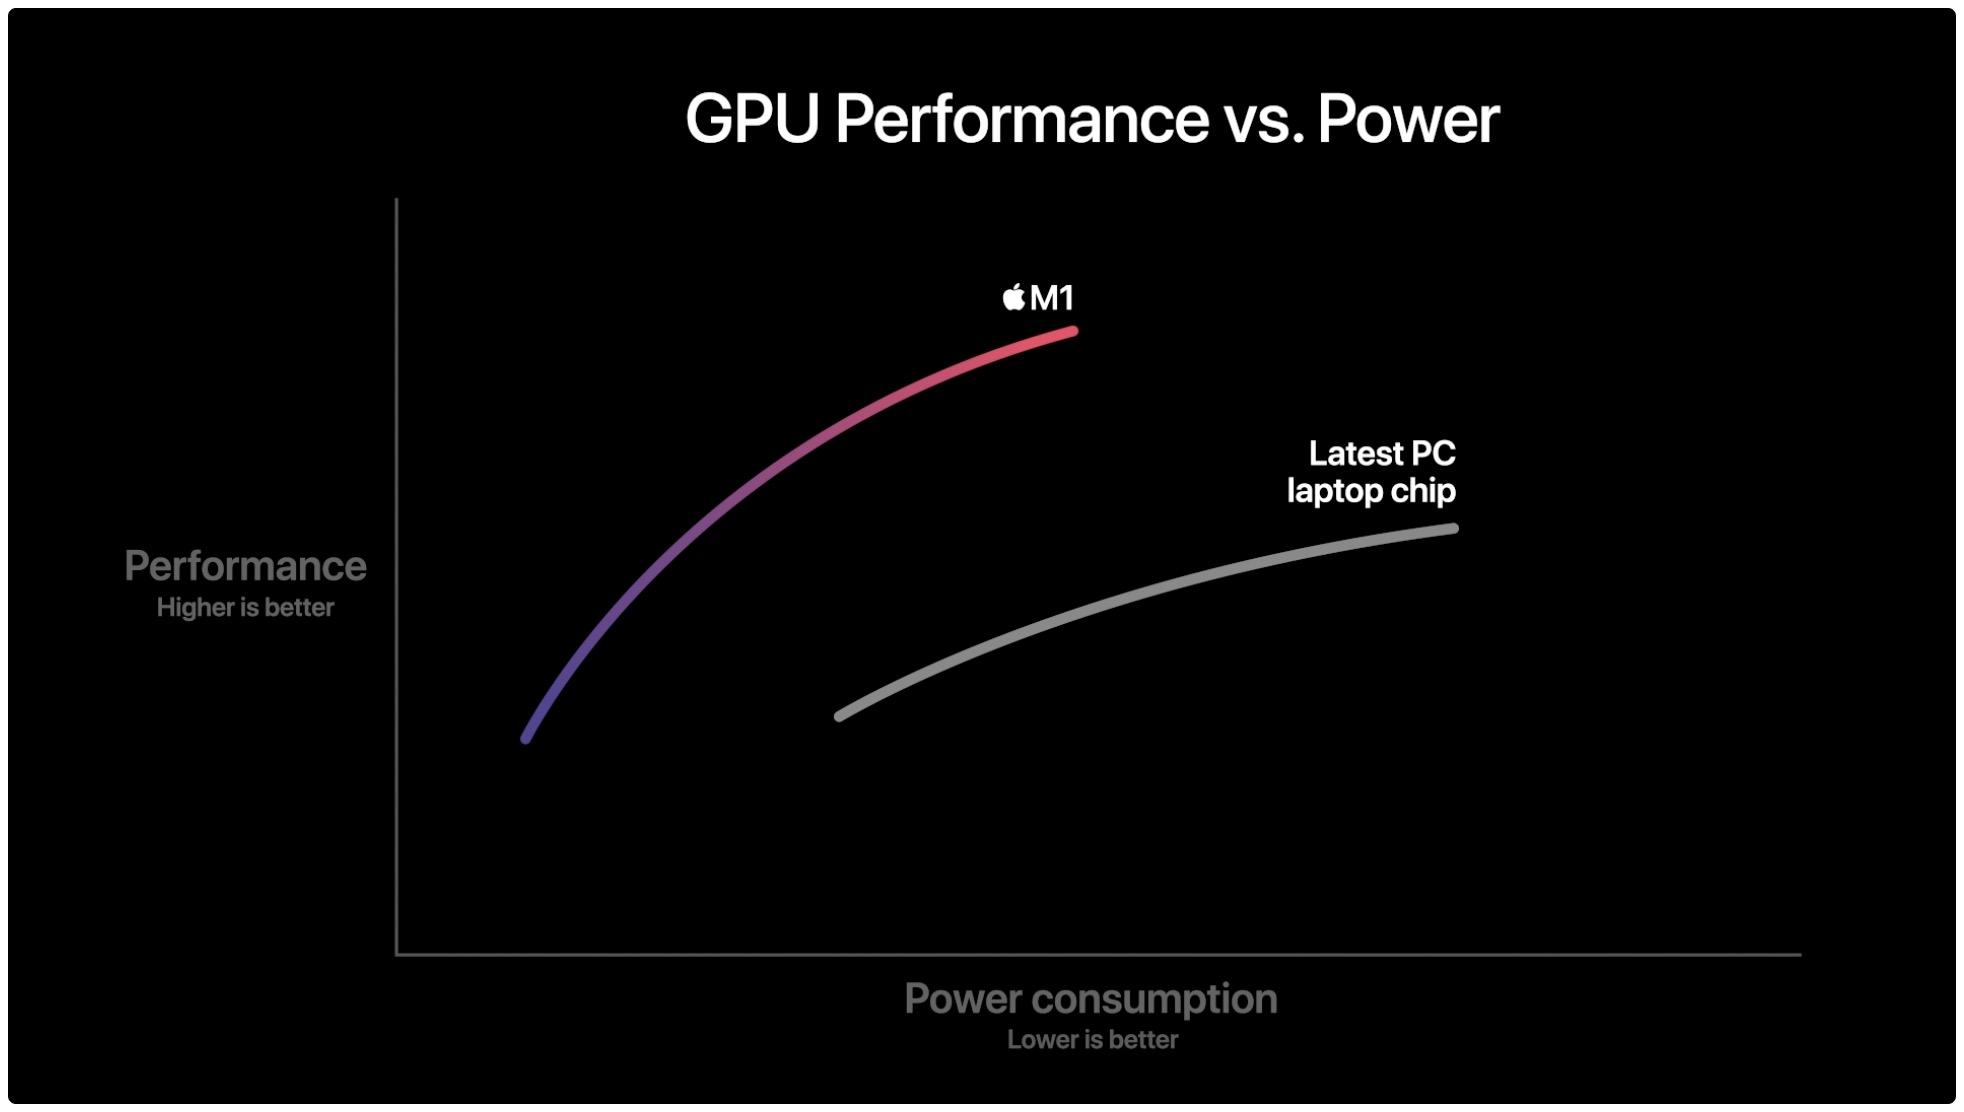 m1 vs PC laptop chip